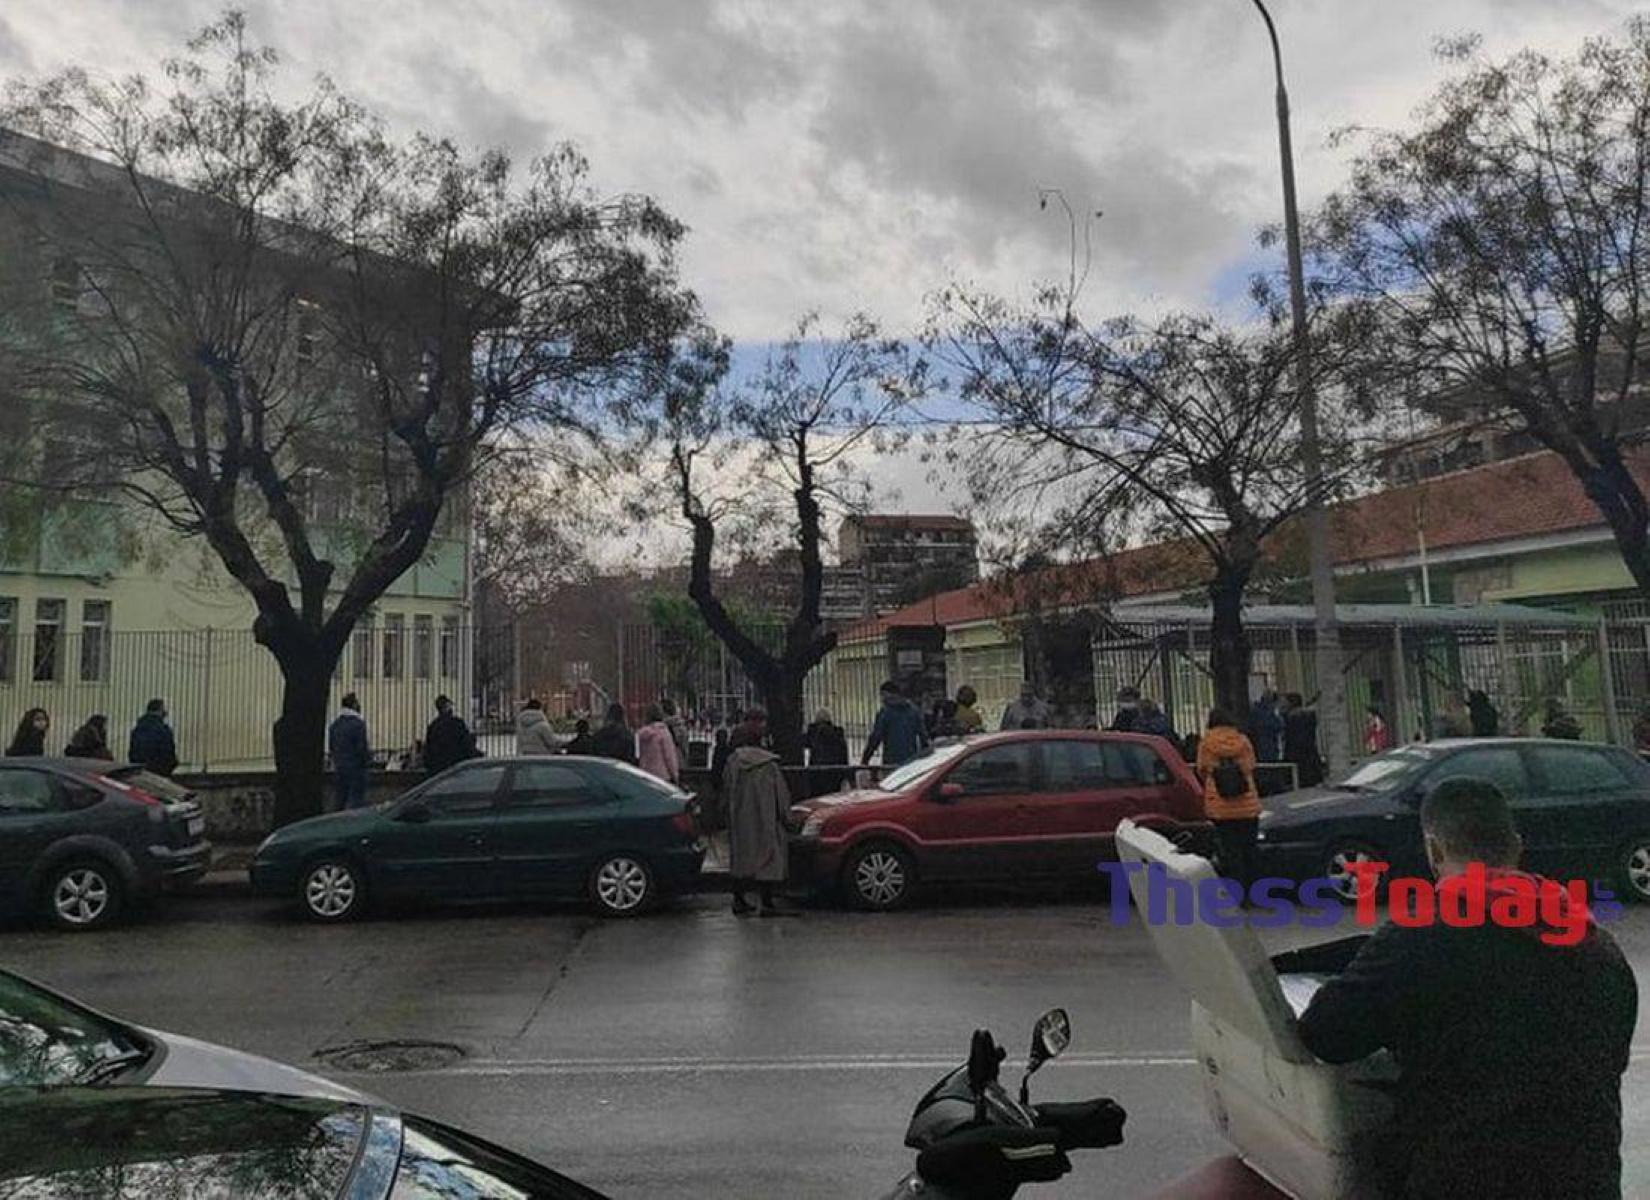 Θεσσαλονίκη: Άνοιγμα σχολείων με συνωστισμό γονέων